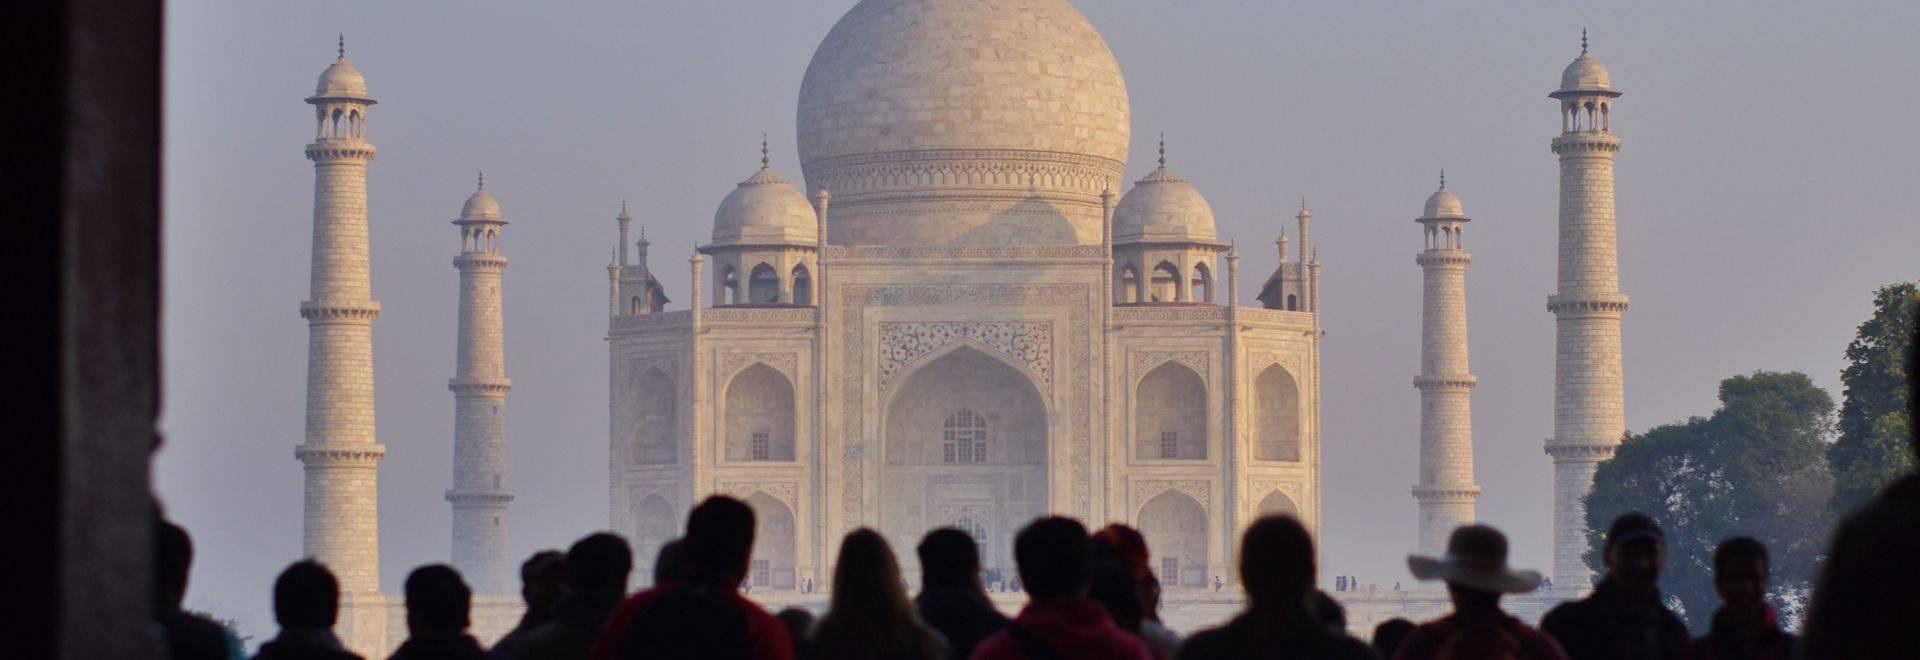 India Taj Mahal Shot.